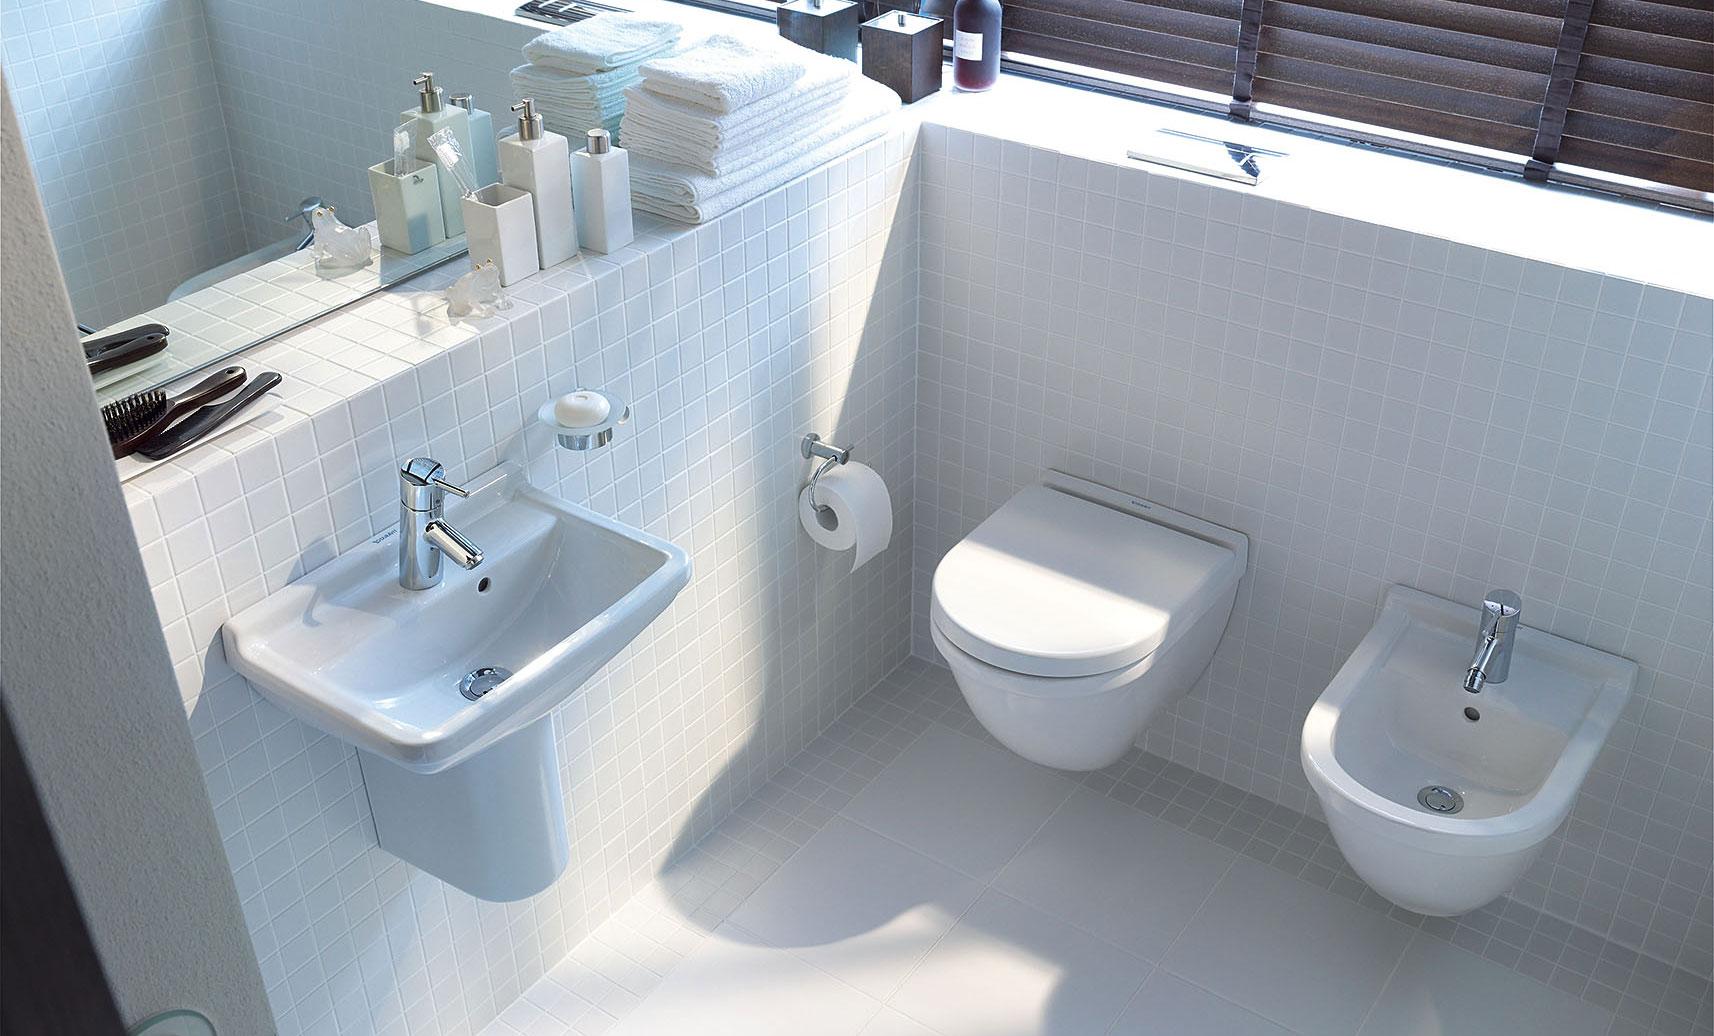 Petits Espaces Toilettes Idees Pour Petites Salles De Bains Duravit Duravit